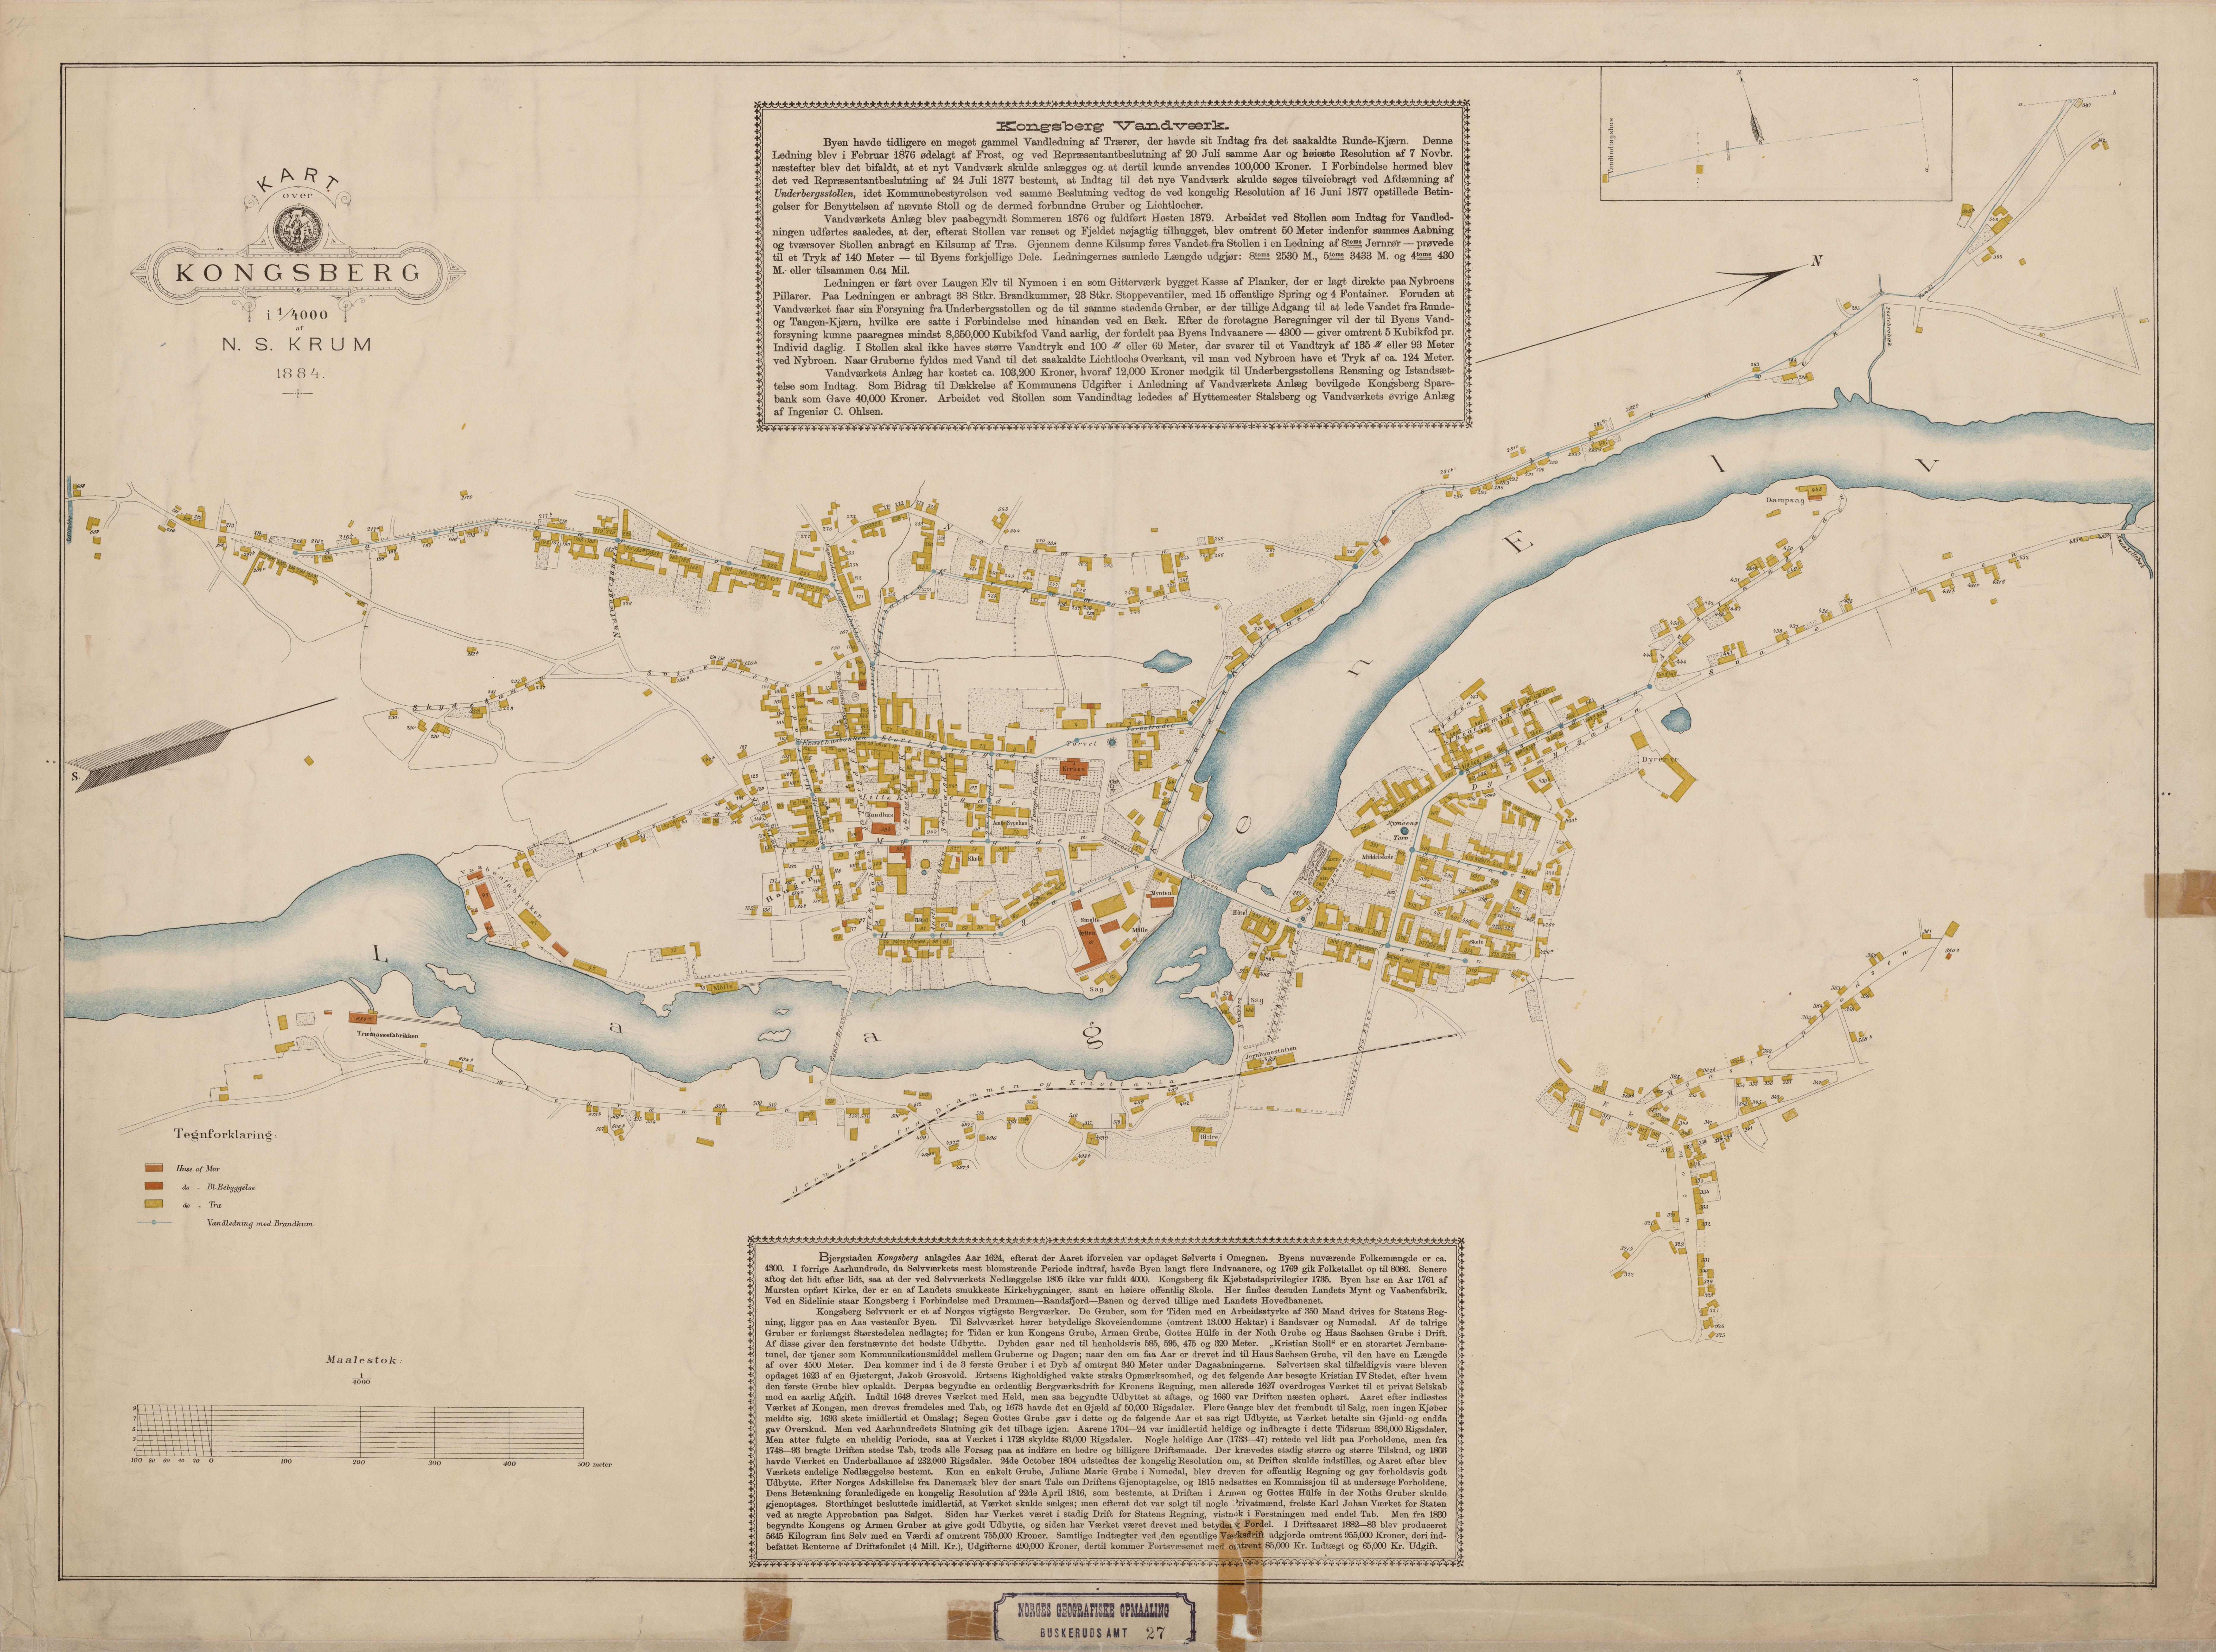 kongsberg kart File:Buskerud amt nr 27  Kart over Kongsberg, 1884.   Wikimedia  kongsberg kart